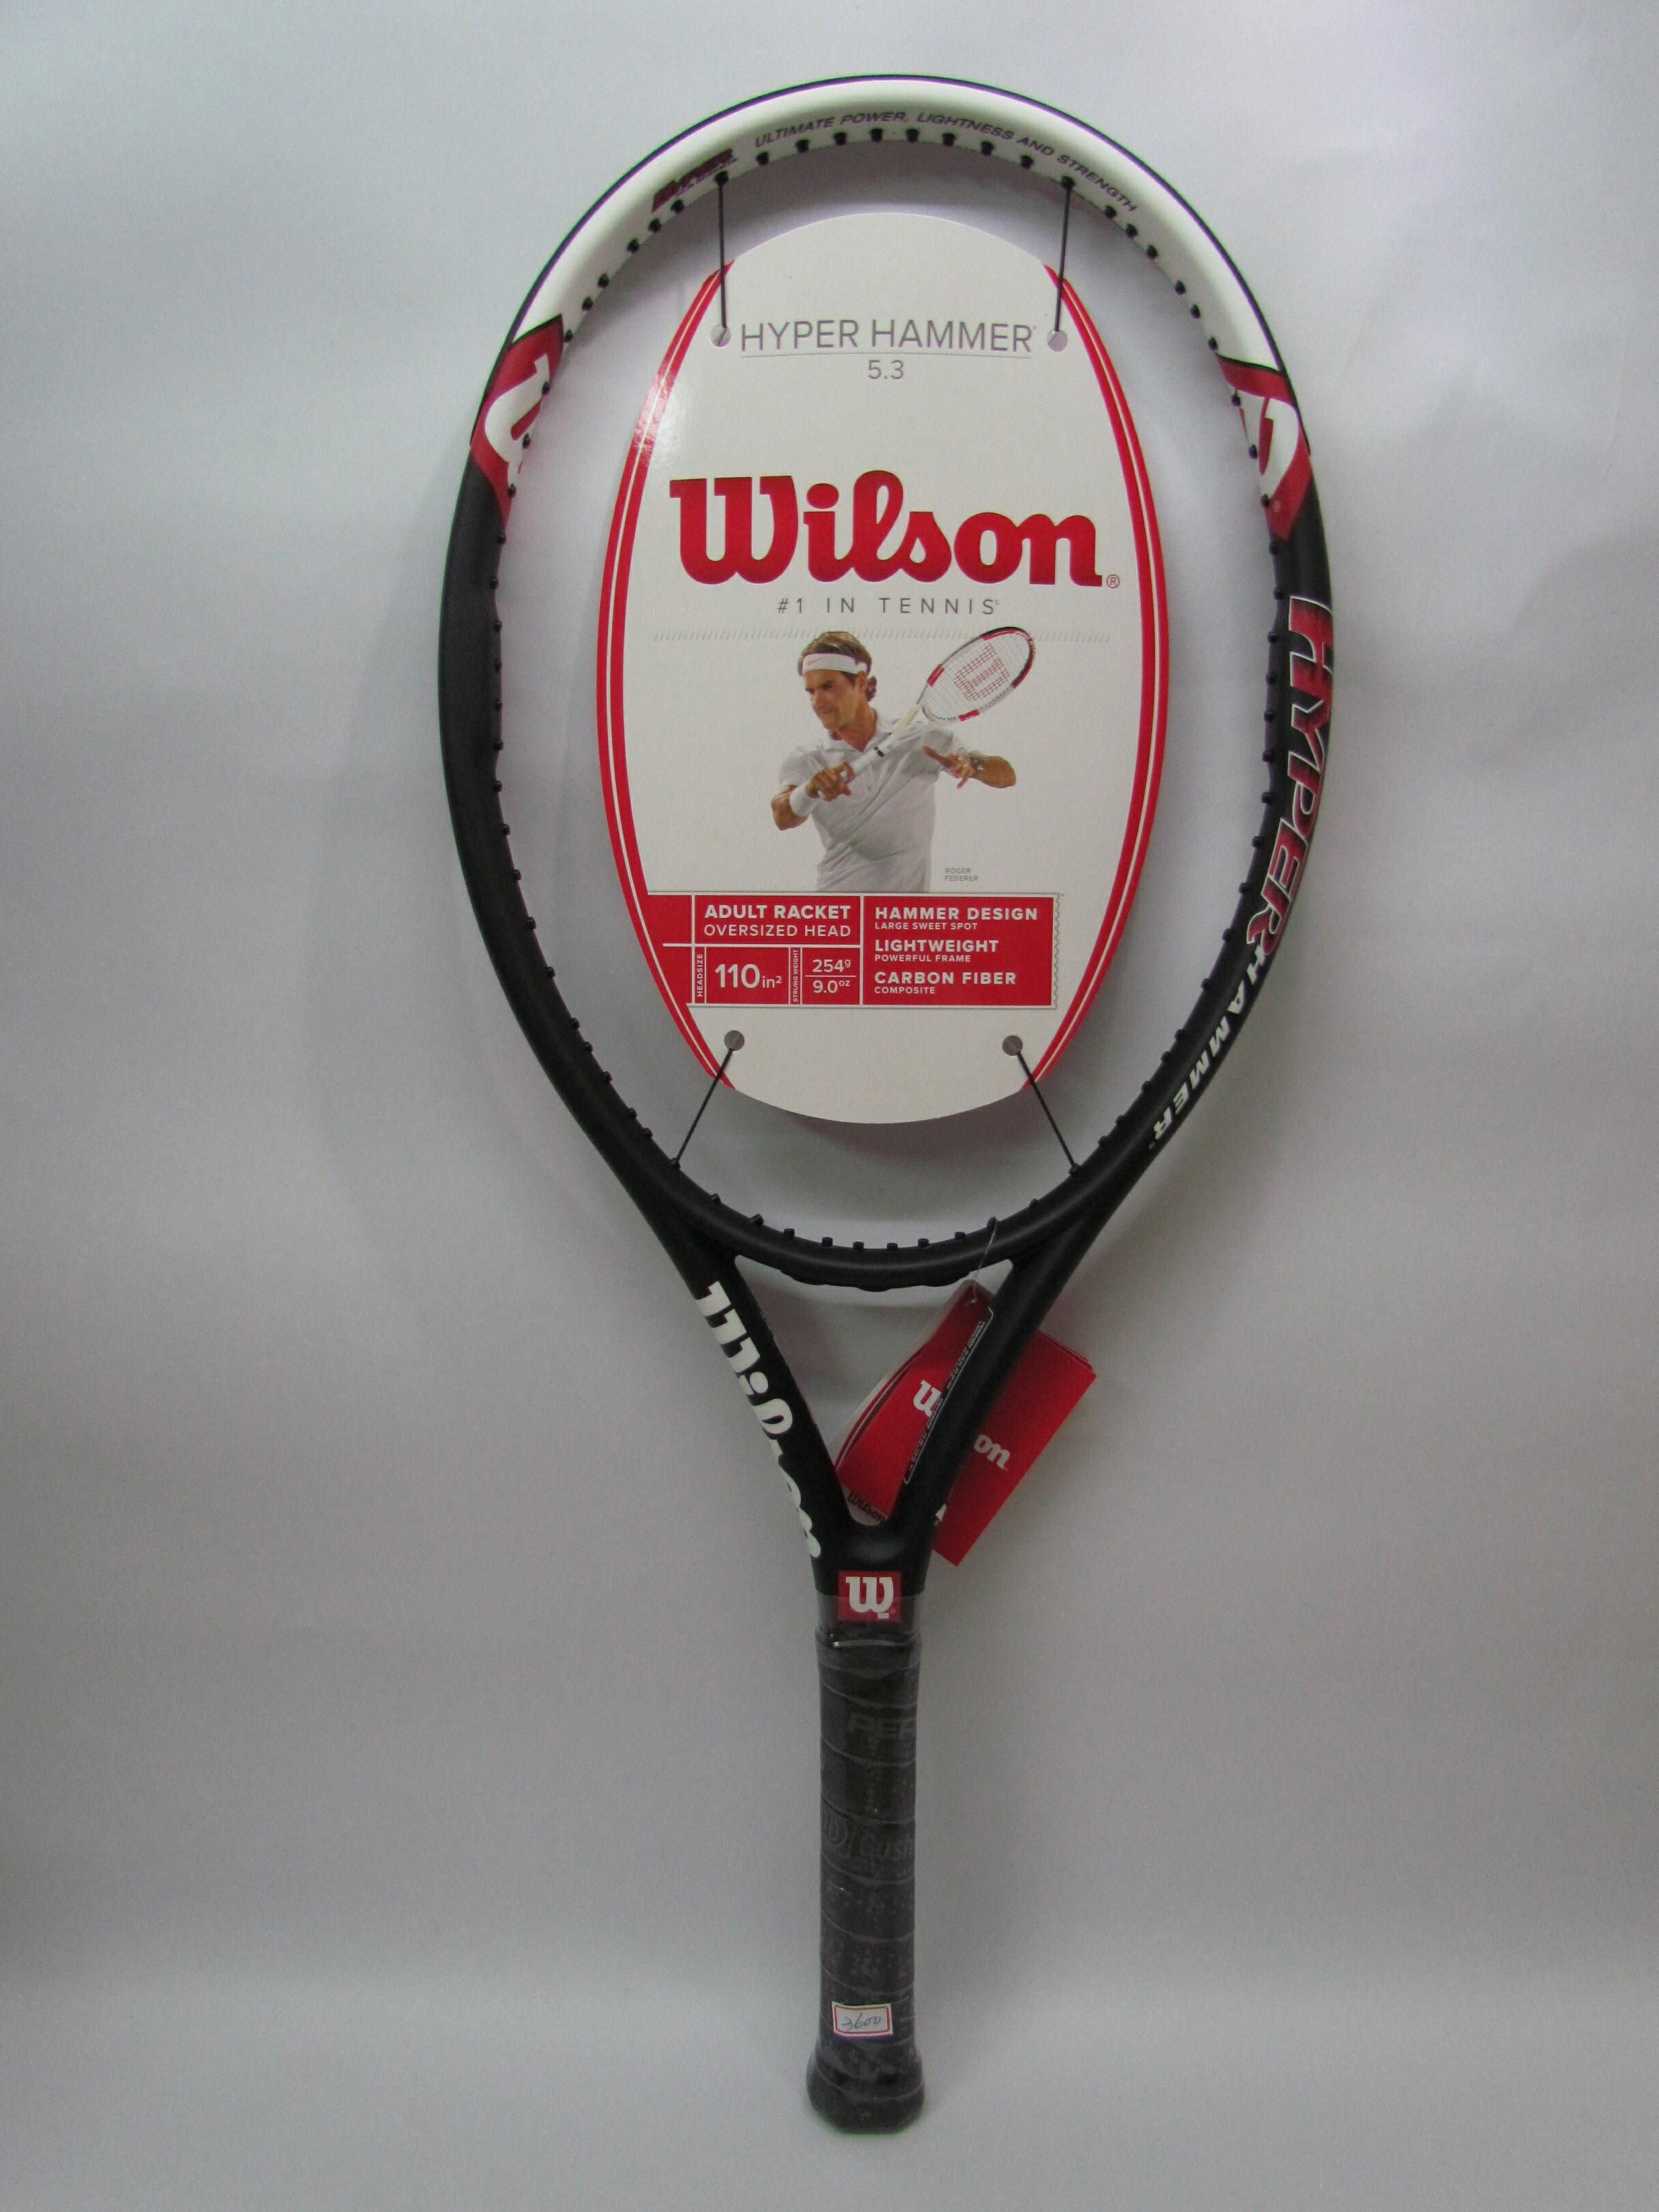 Wilson專業網球拍 Hyper Hammer 5.3(大榔頭)亞洲限定版